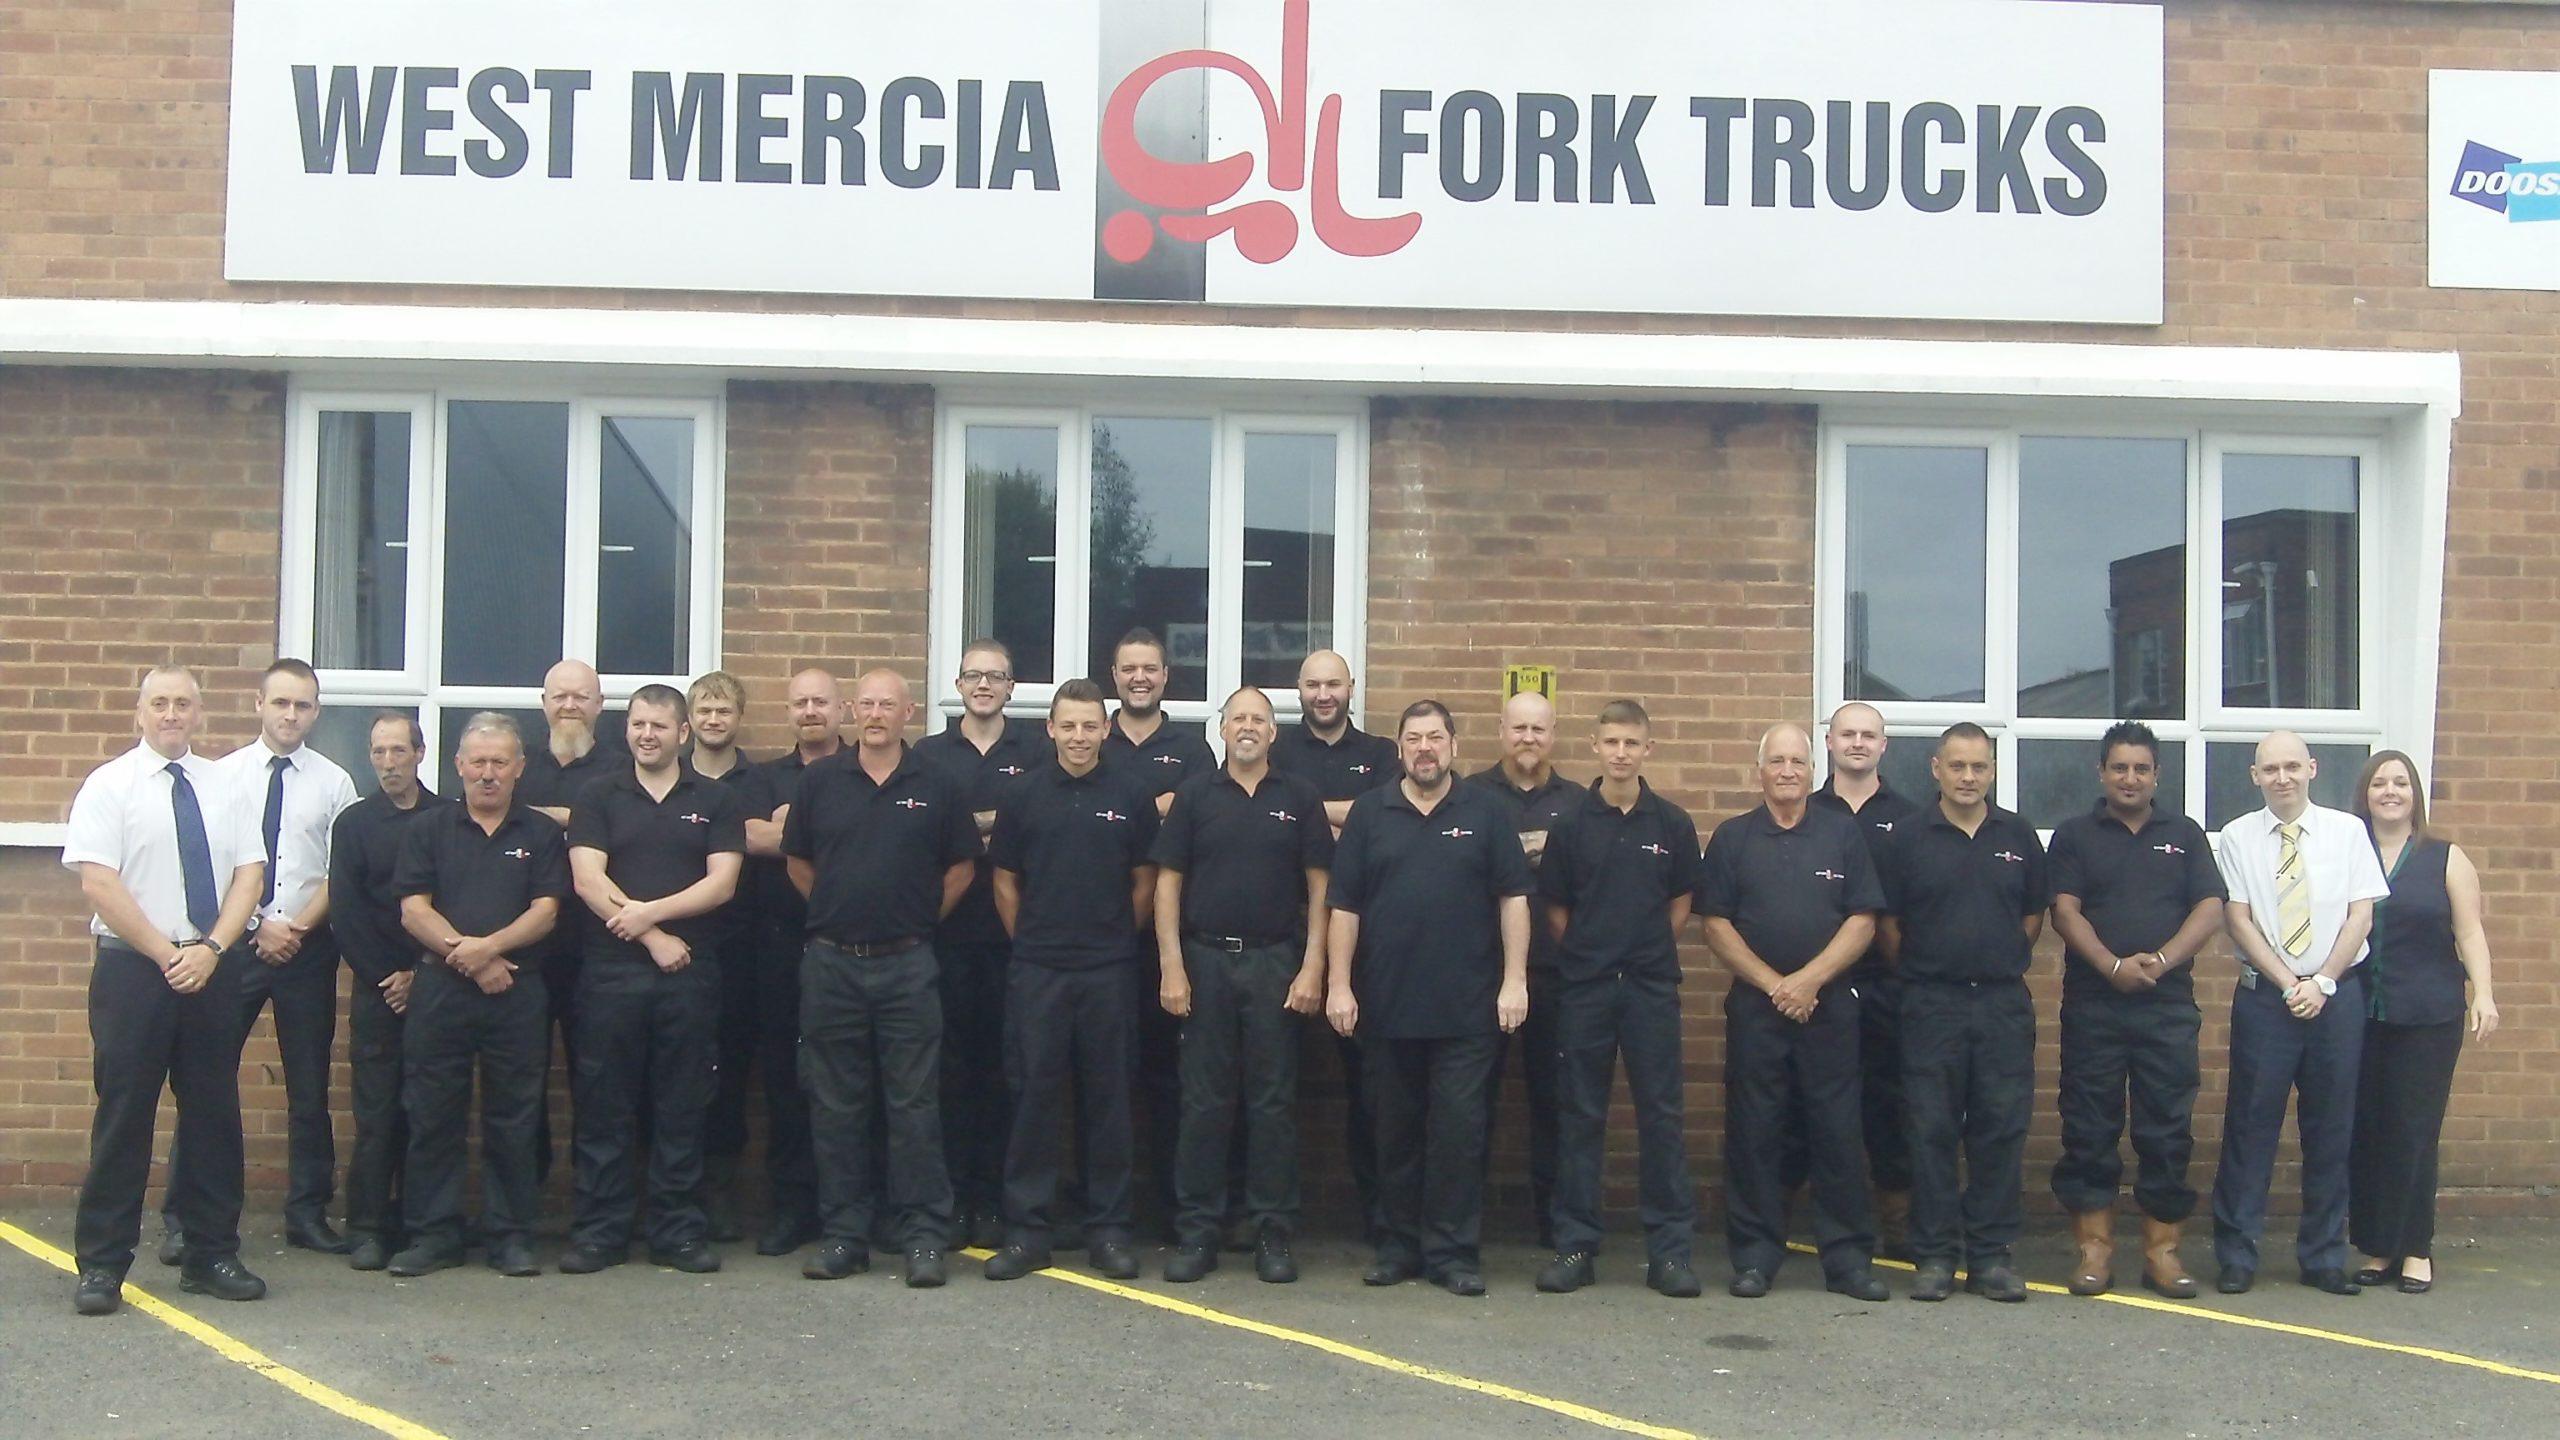 Westmercia Forklift Engineers